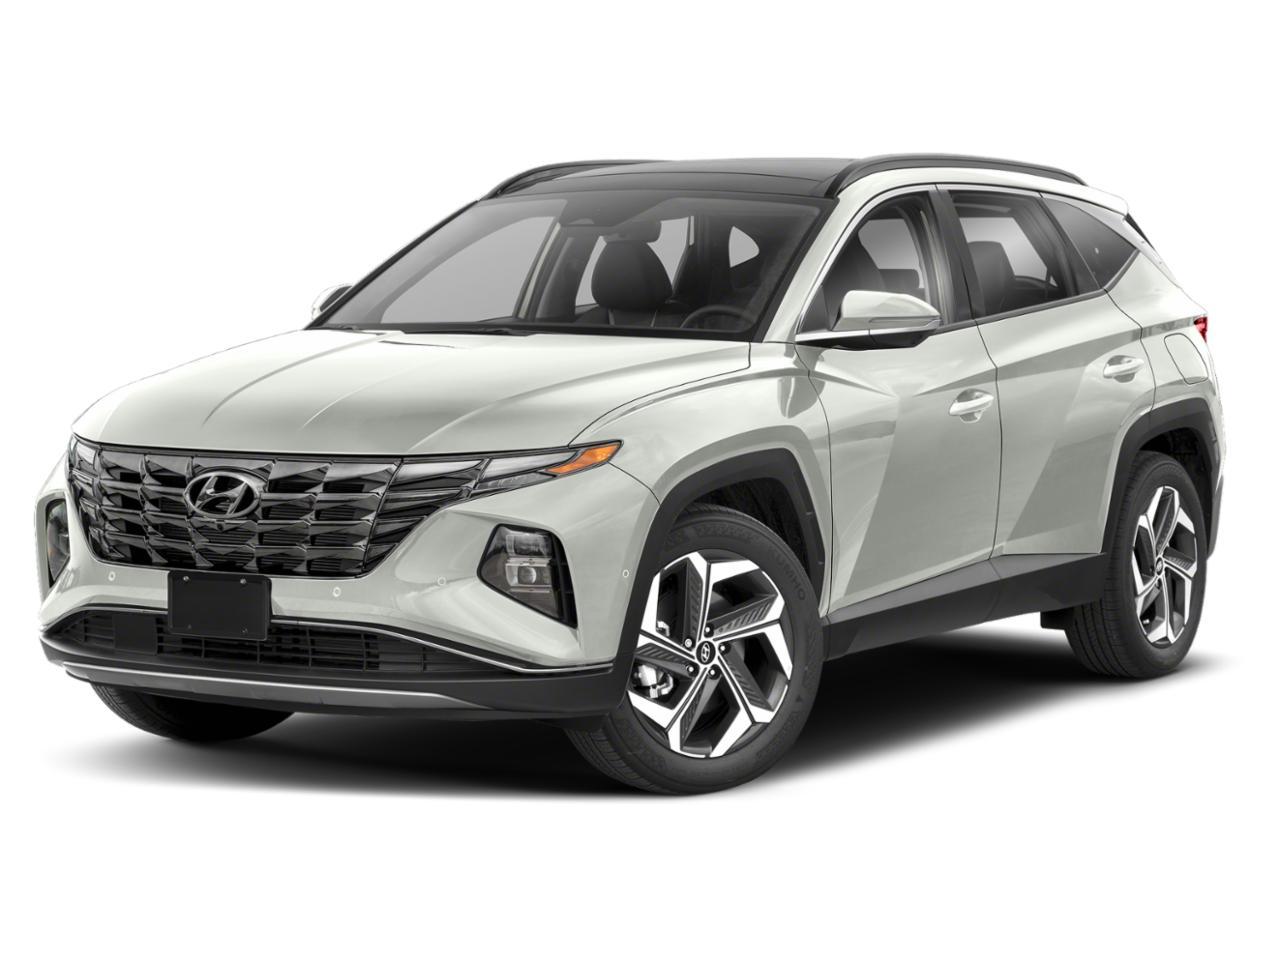 2022 Hyundai Tucson Vehicle Photo in Muncy, PA 17756